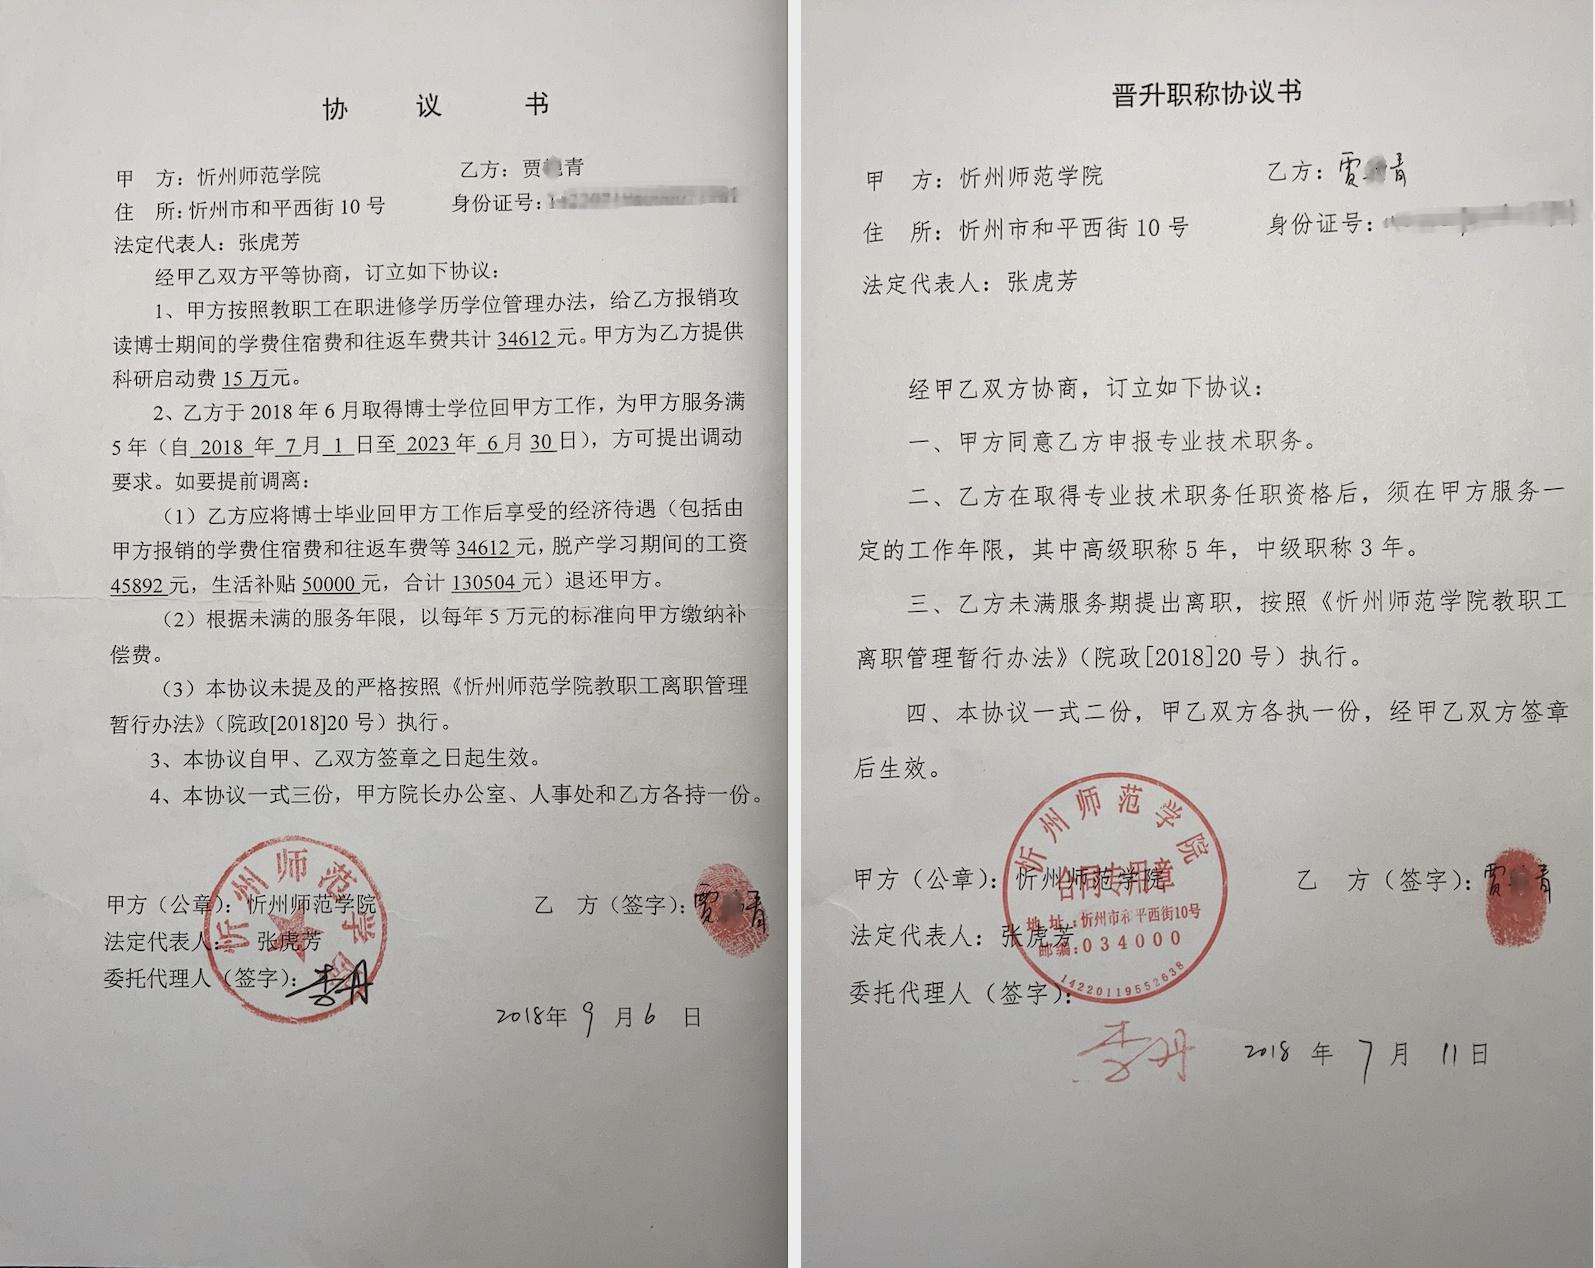 《协议书》与《晋升职称协议书》。